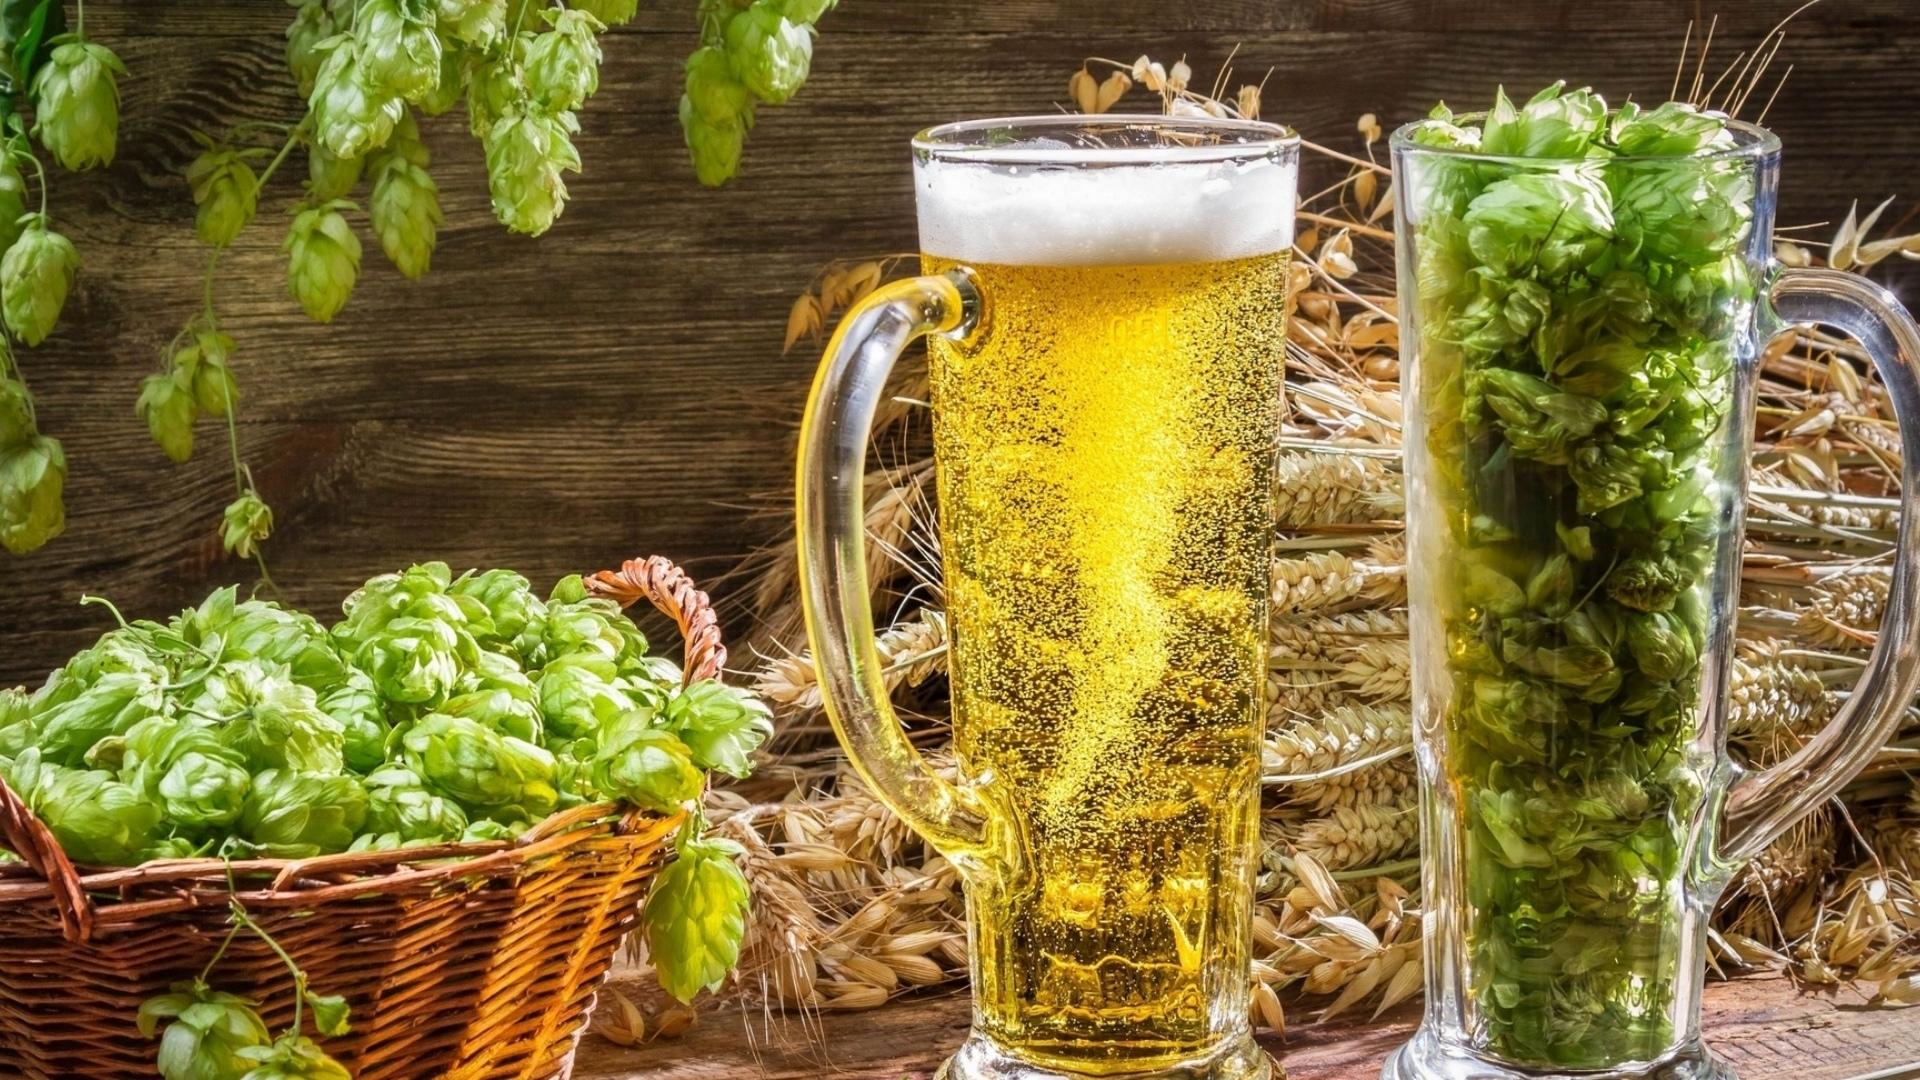 Хмель для изготовления пива